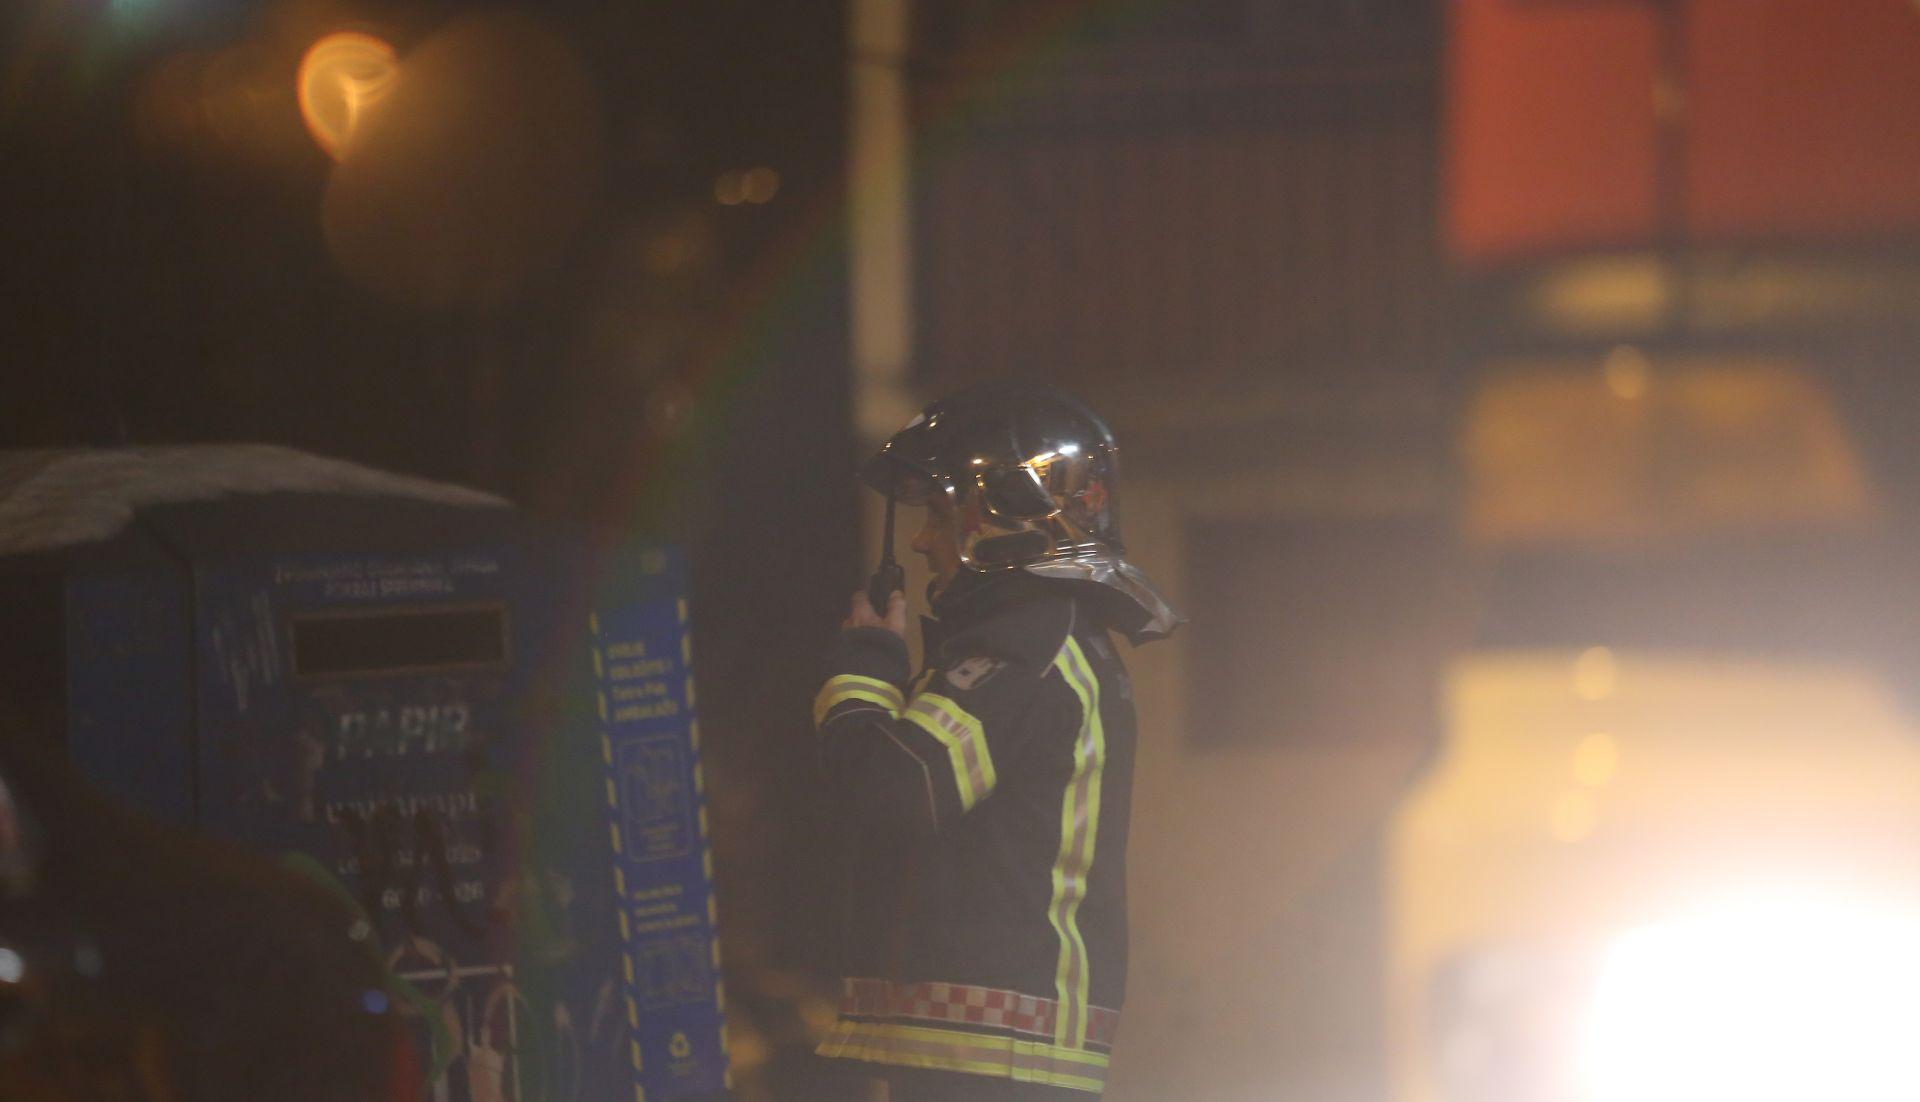 POGINULO DIJETE Policija isključuje tehnički kvar kao uzrok požara u Osijeku